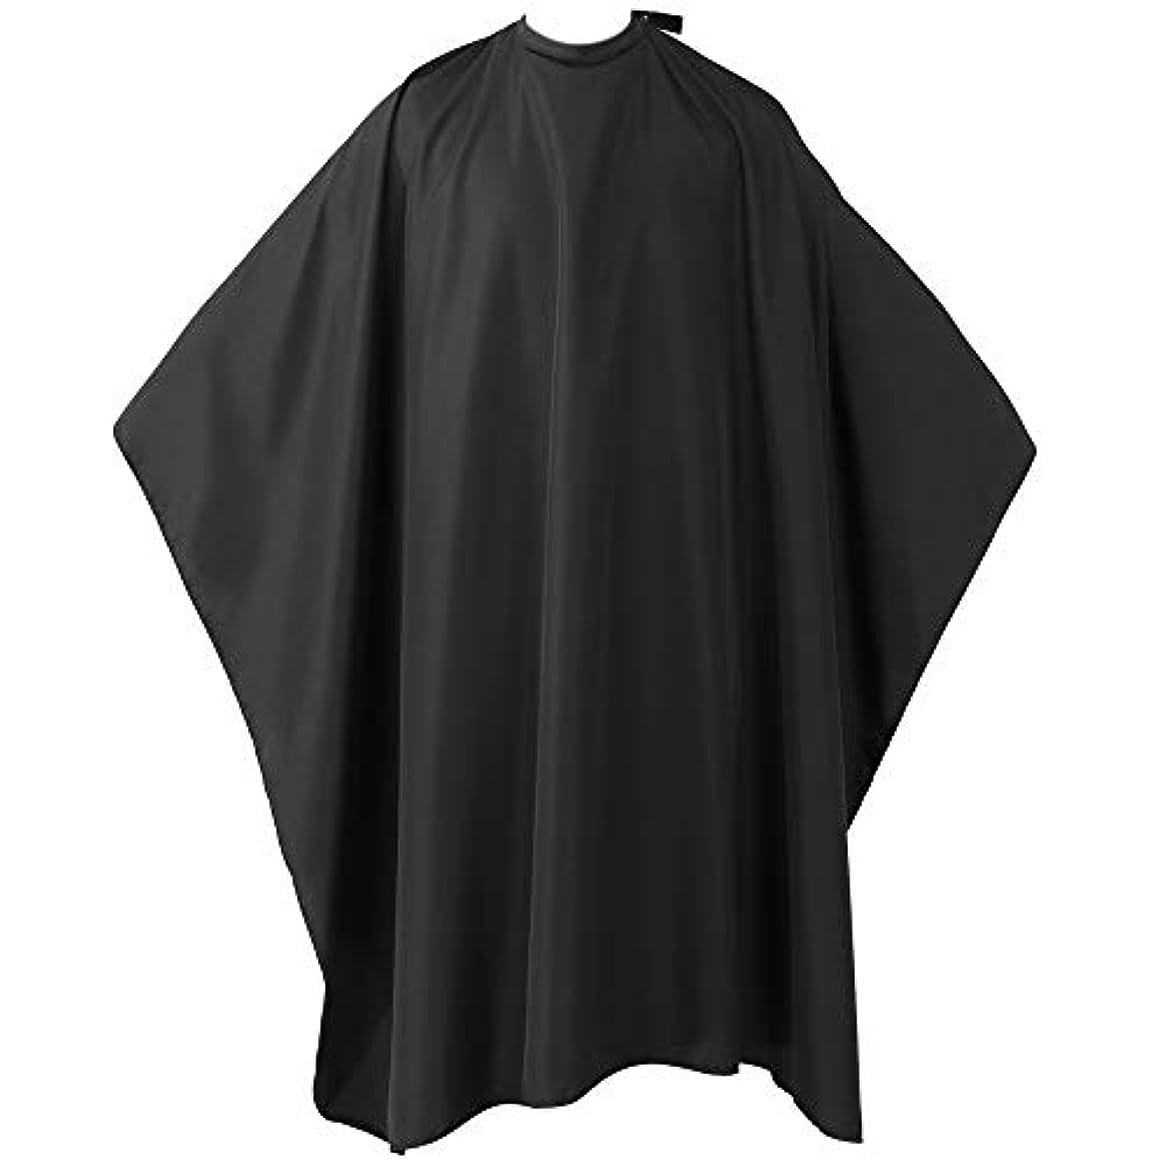 意図する巨大極めてヘアーエプロン 散髪マント 散髪ケープ ファミリー理髪 折りたたみ式 防水加工 ヘアスタイリングツール (ブラック)